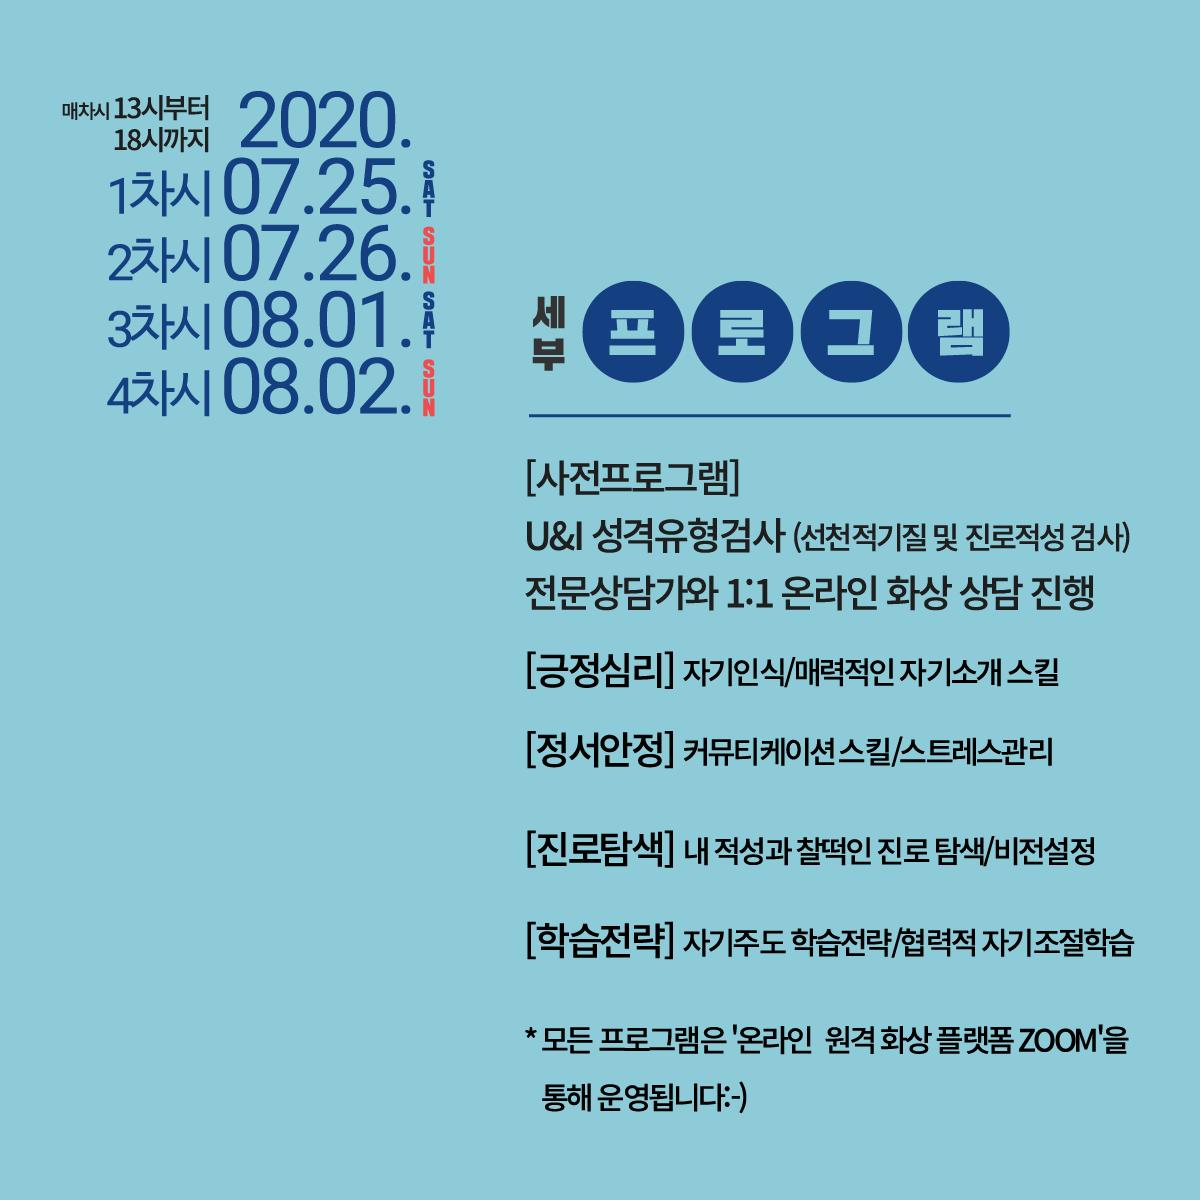 2020 대학생활 걱정타파 프로그램 '슬기로운 한양생활' 지원하세요!!